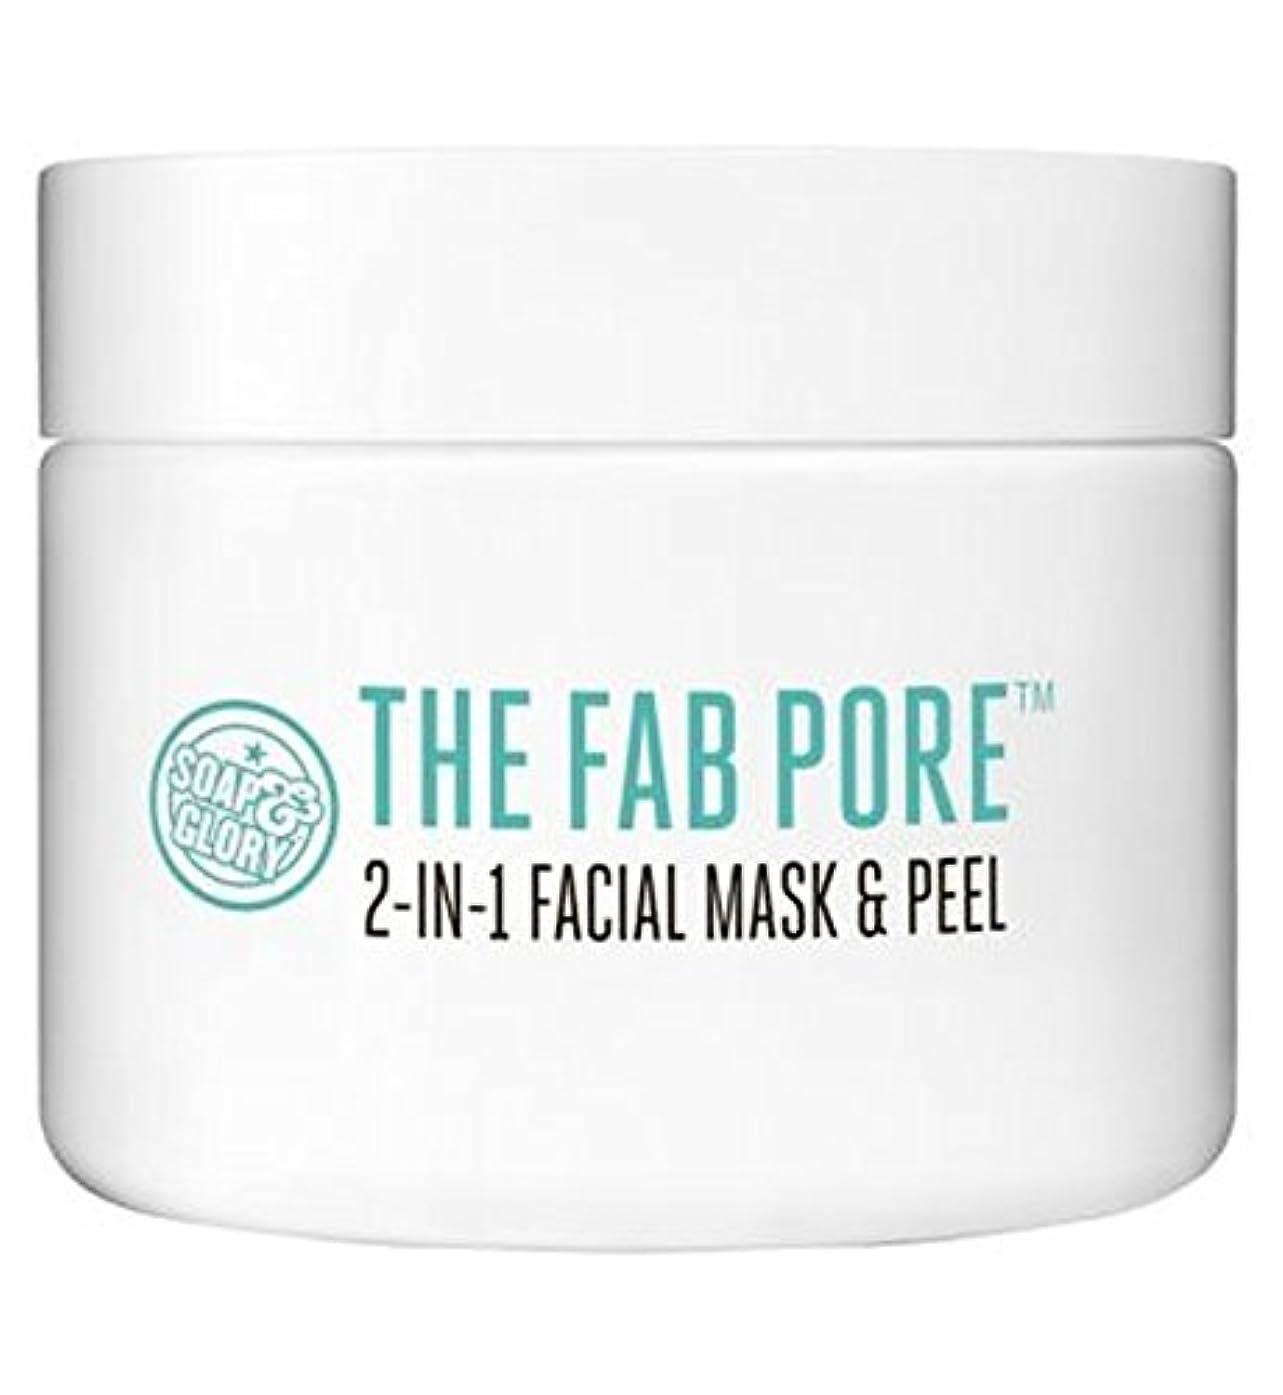 ペリスコープ周術期落胆するファブ細孔?2イン1顔の細孔浄化マスク&ピール?石鹸&栄光 (Soap & Glory) (x2) - Soap & Glory? Fab Pore? 2-in-1 Facial Pore Purifying Mask...